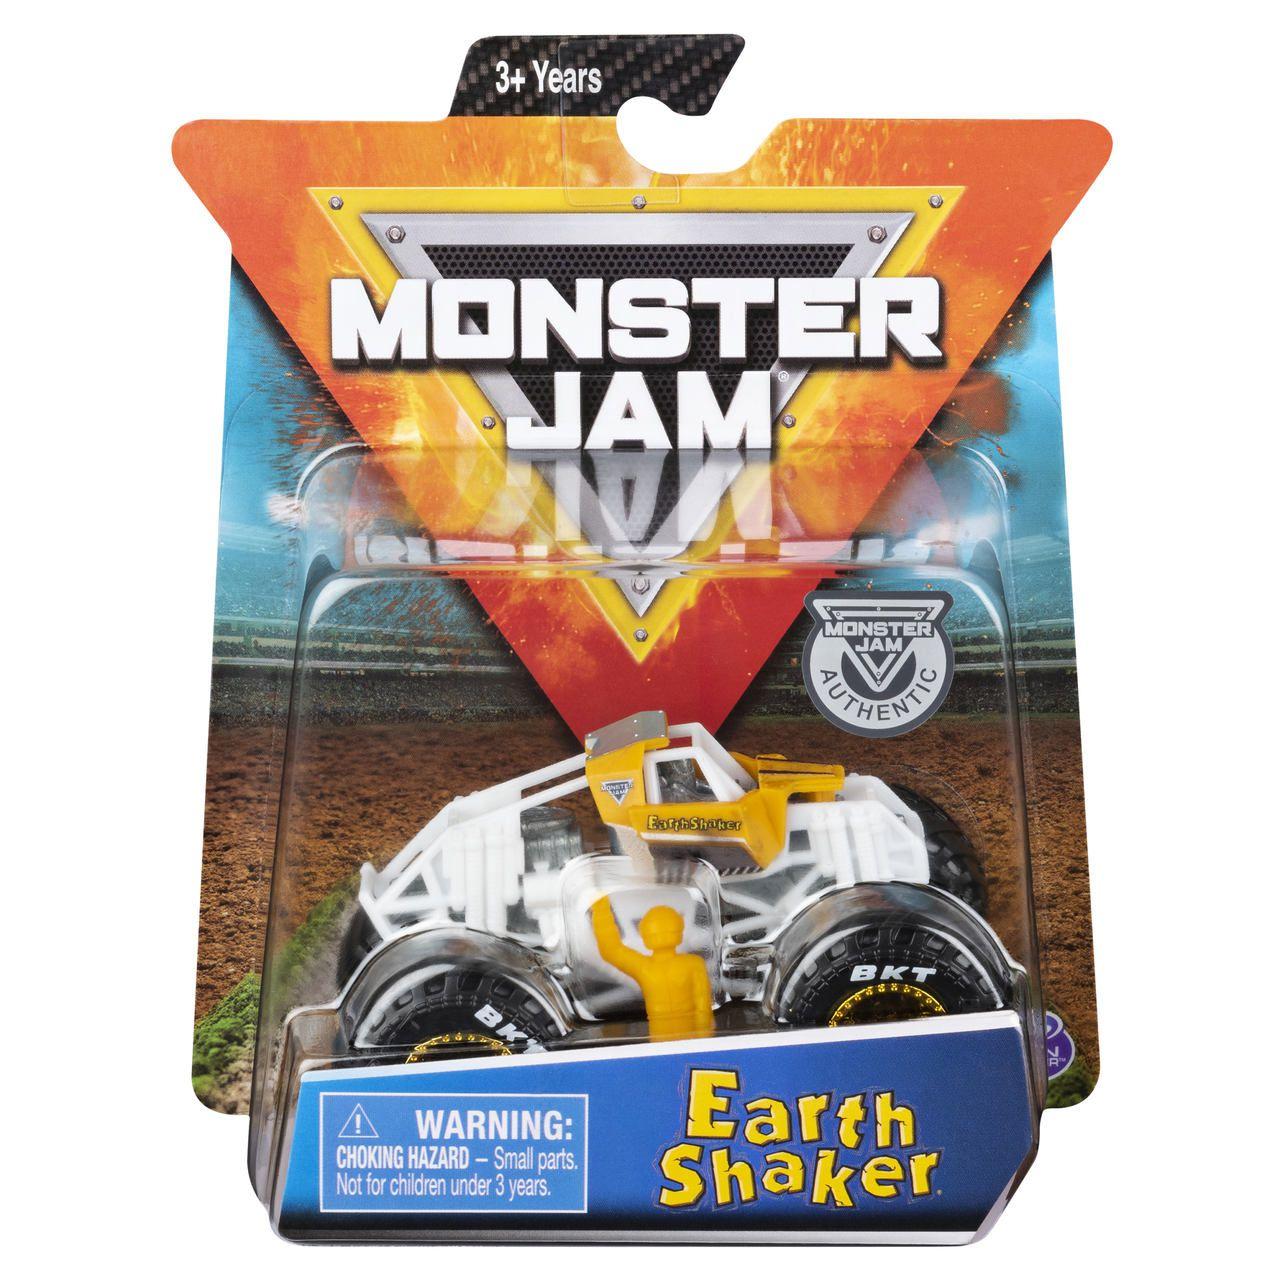 Monster Jam Truck - Earth Shaker - Escala 1:64 - Original